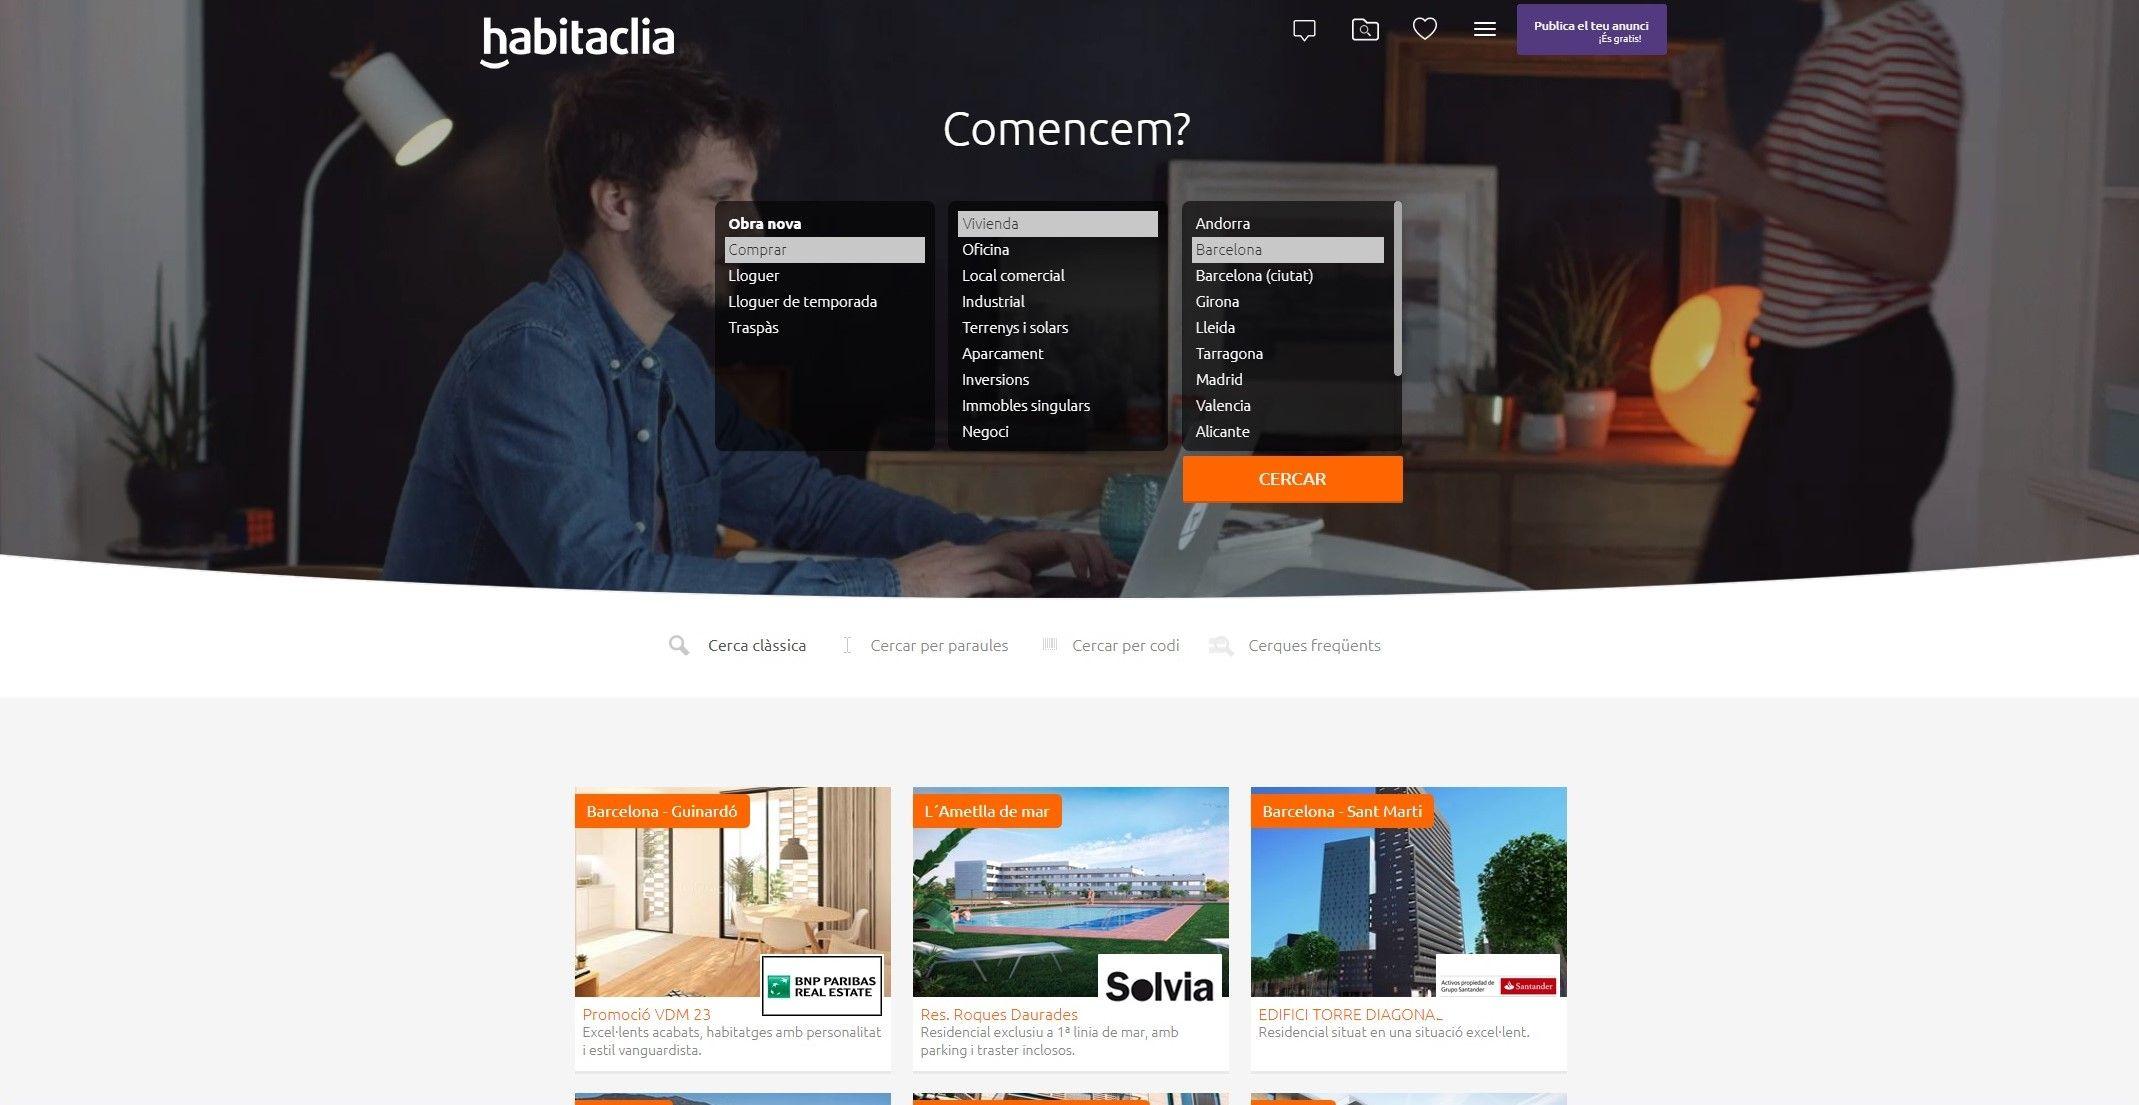 Habitaclia deixa matar i trasllada les seves oficines a for Caixa d enginyers oficines barcelona